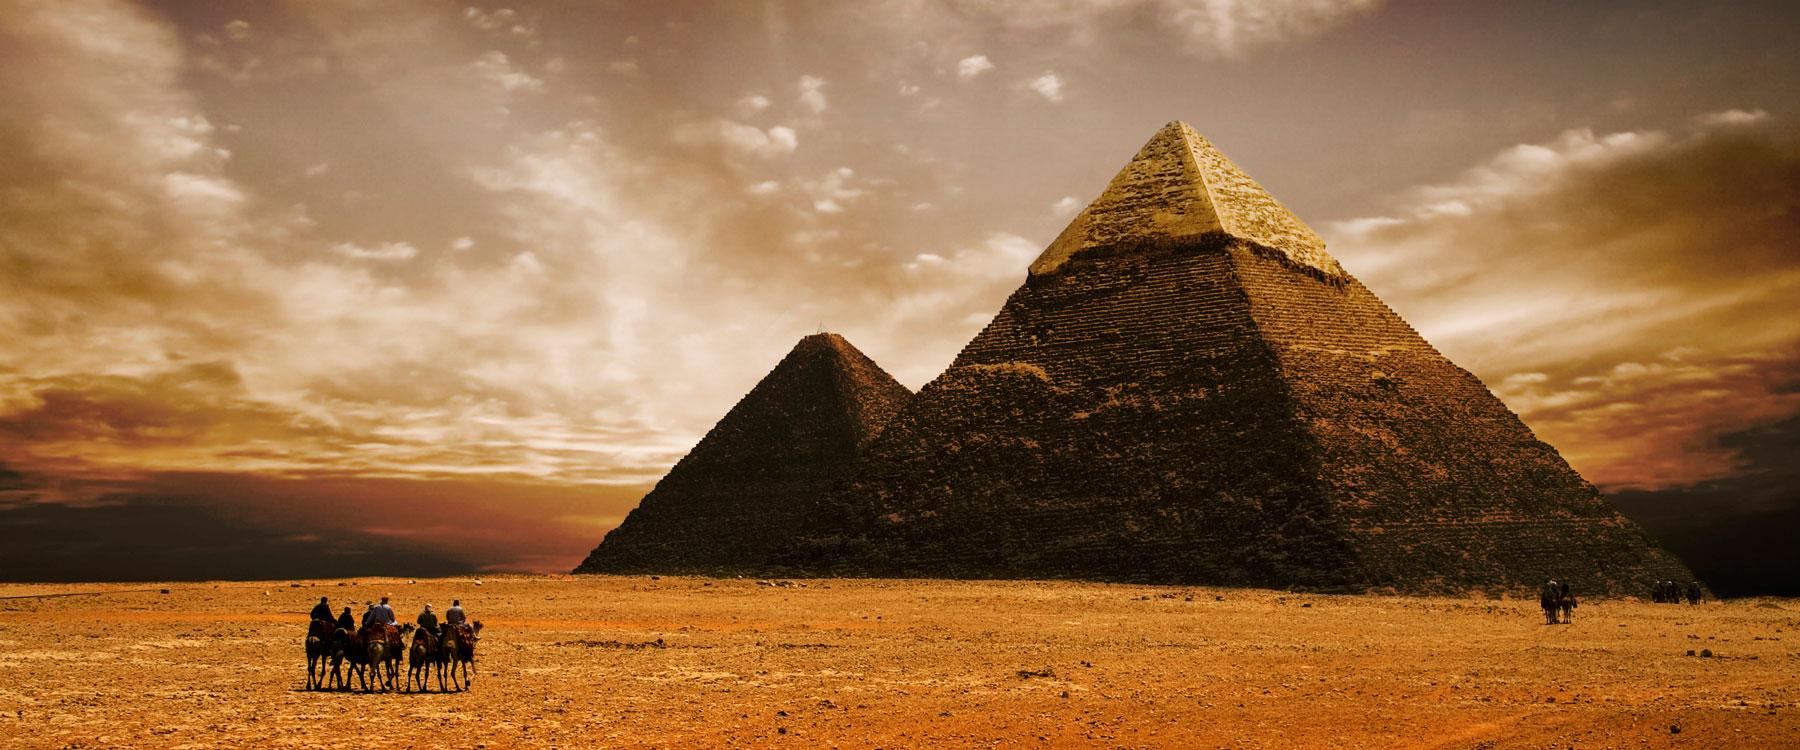 ストリートビューにエジプトのピラミッドが追加